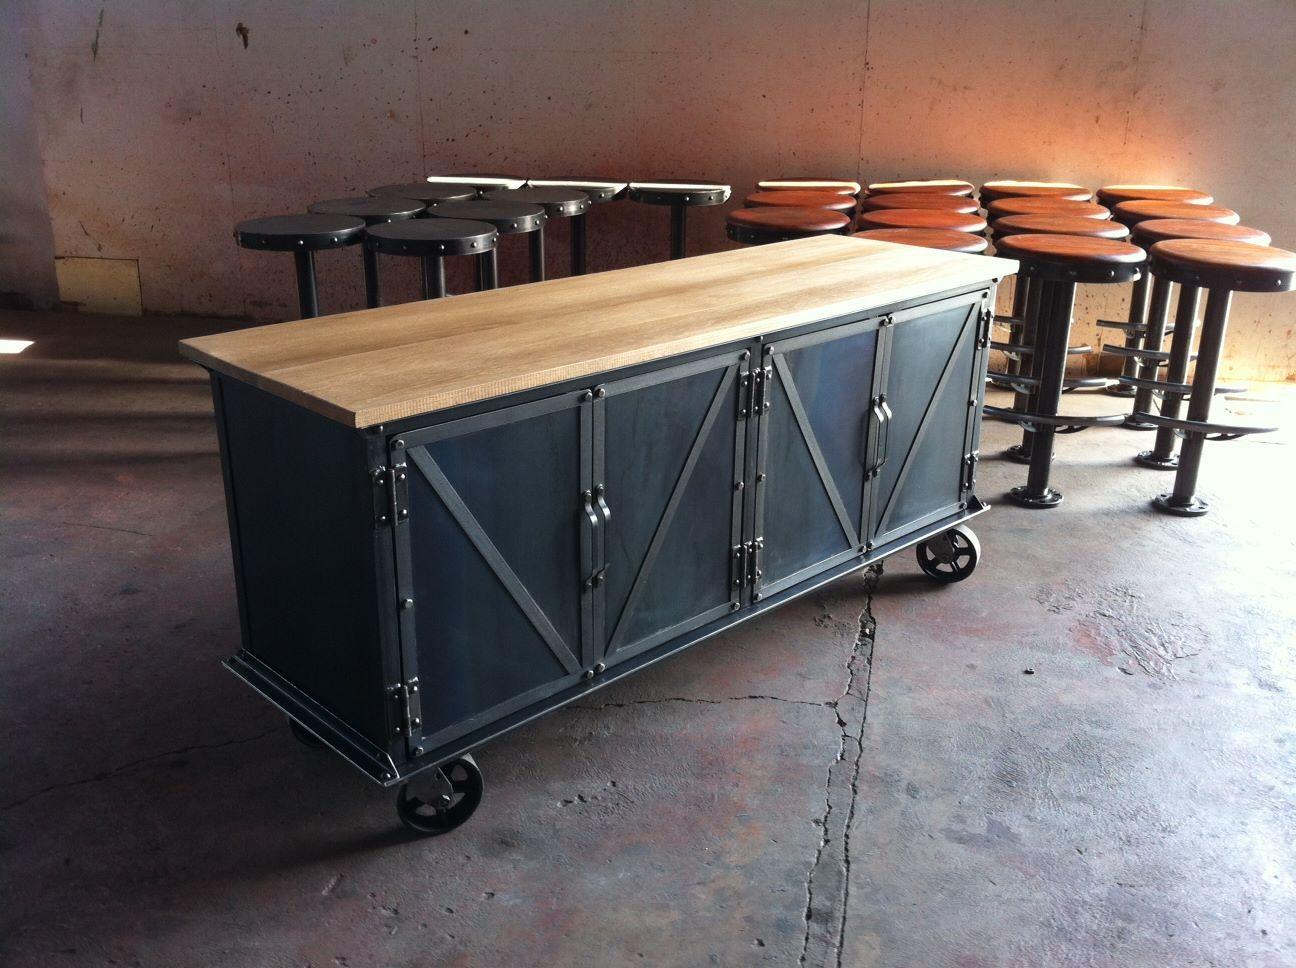 Ellis media console vintage industrial furniture - Ellis Sideboard Vintage Industrial Furnitureindustrial